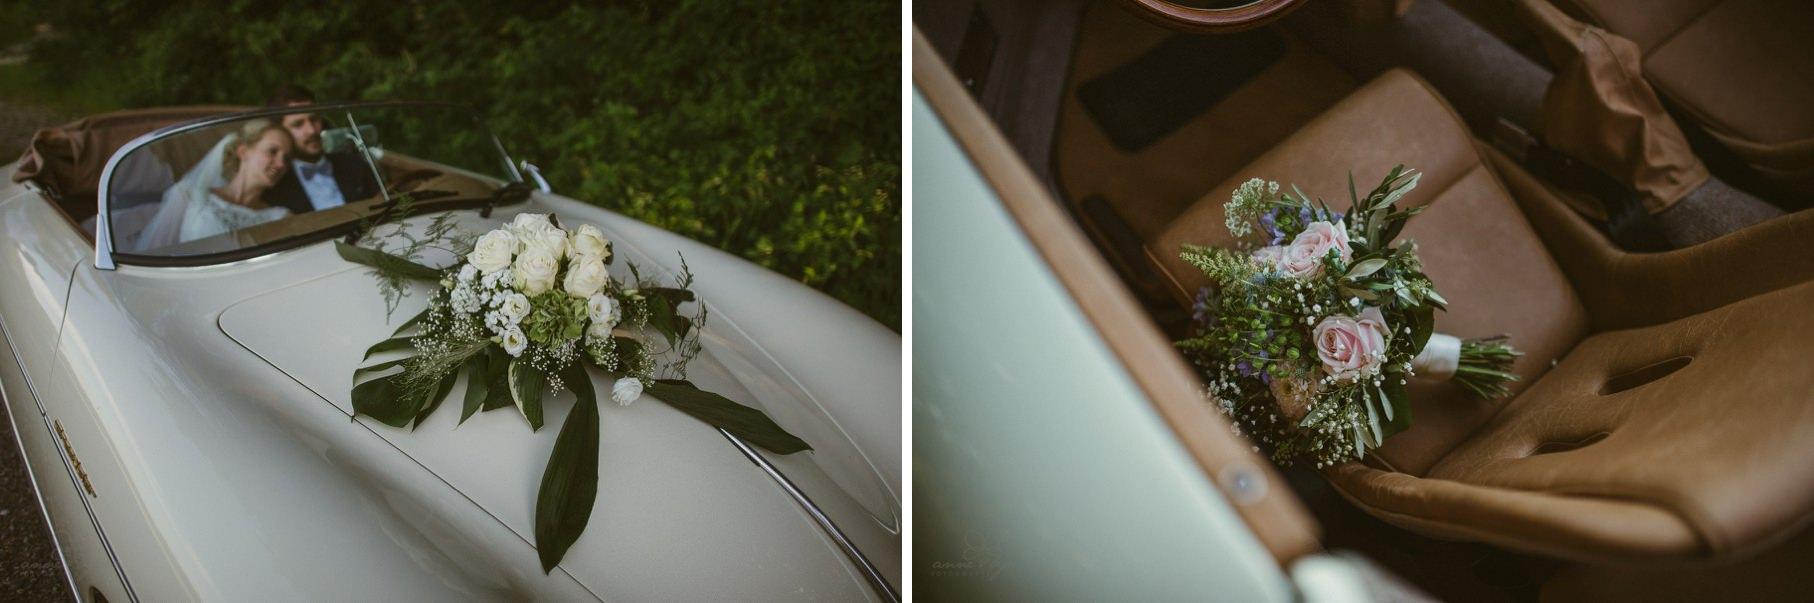 0095 anne und bjoern hochzeit schweiz d75 1319 - DIY Hochzeit in der Schweiz - Sabrina & Christoph